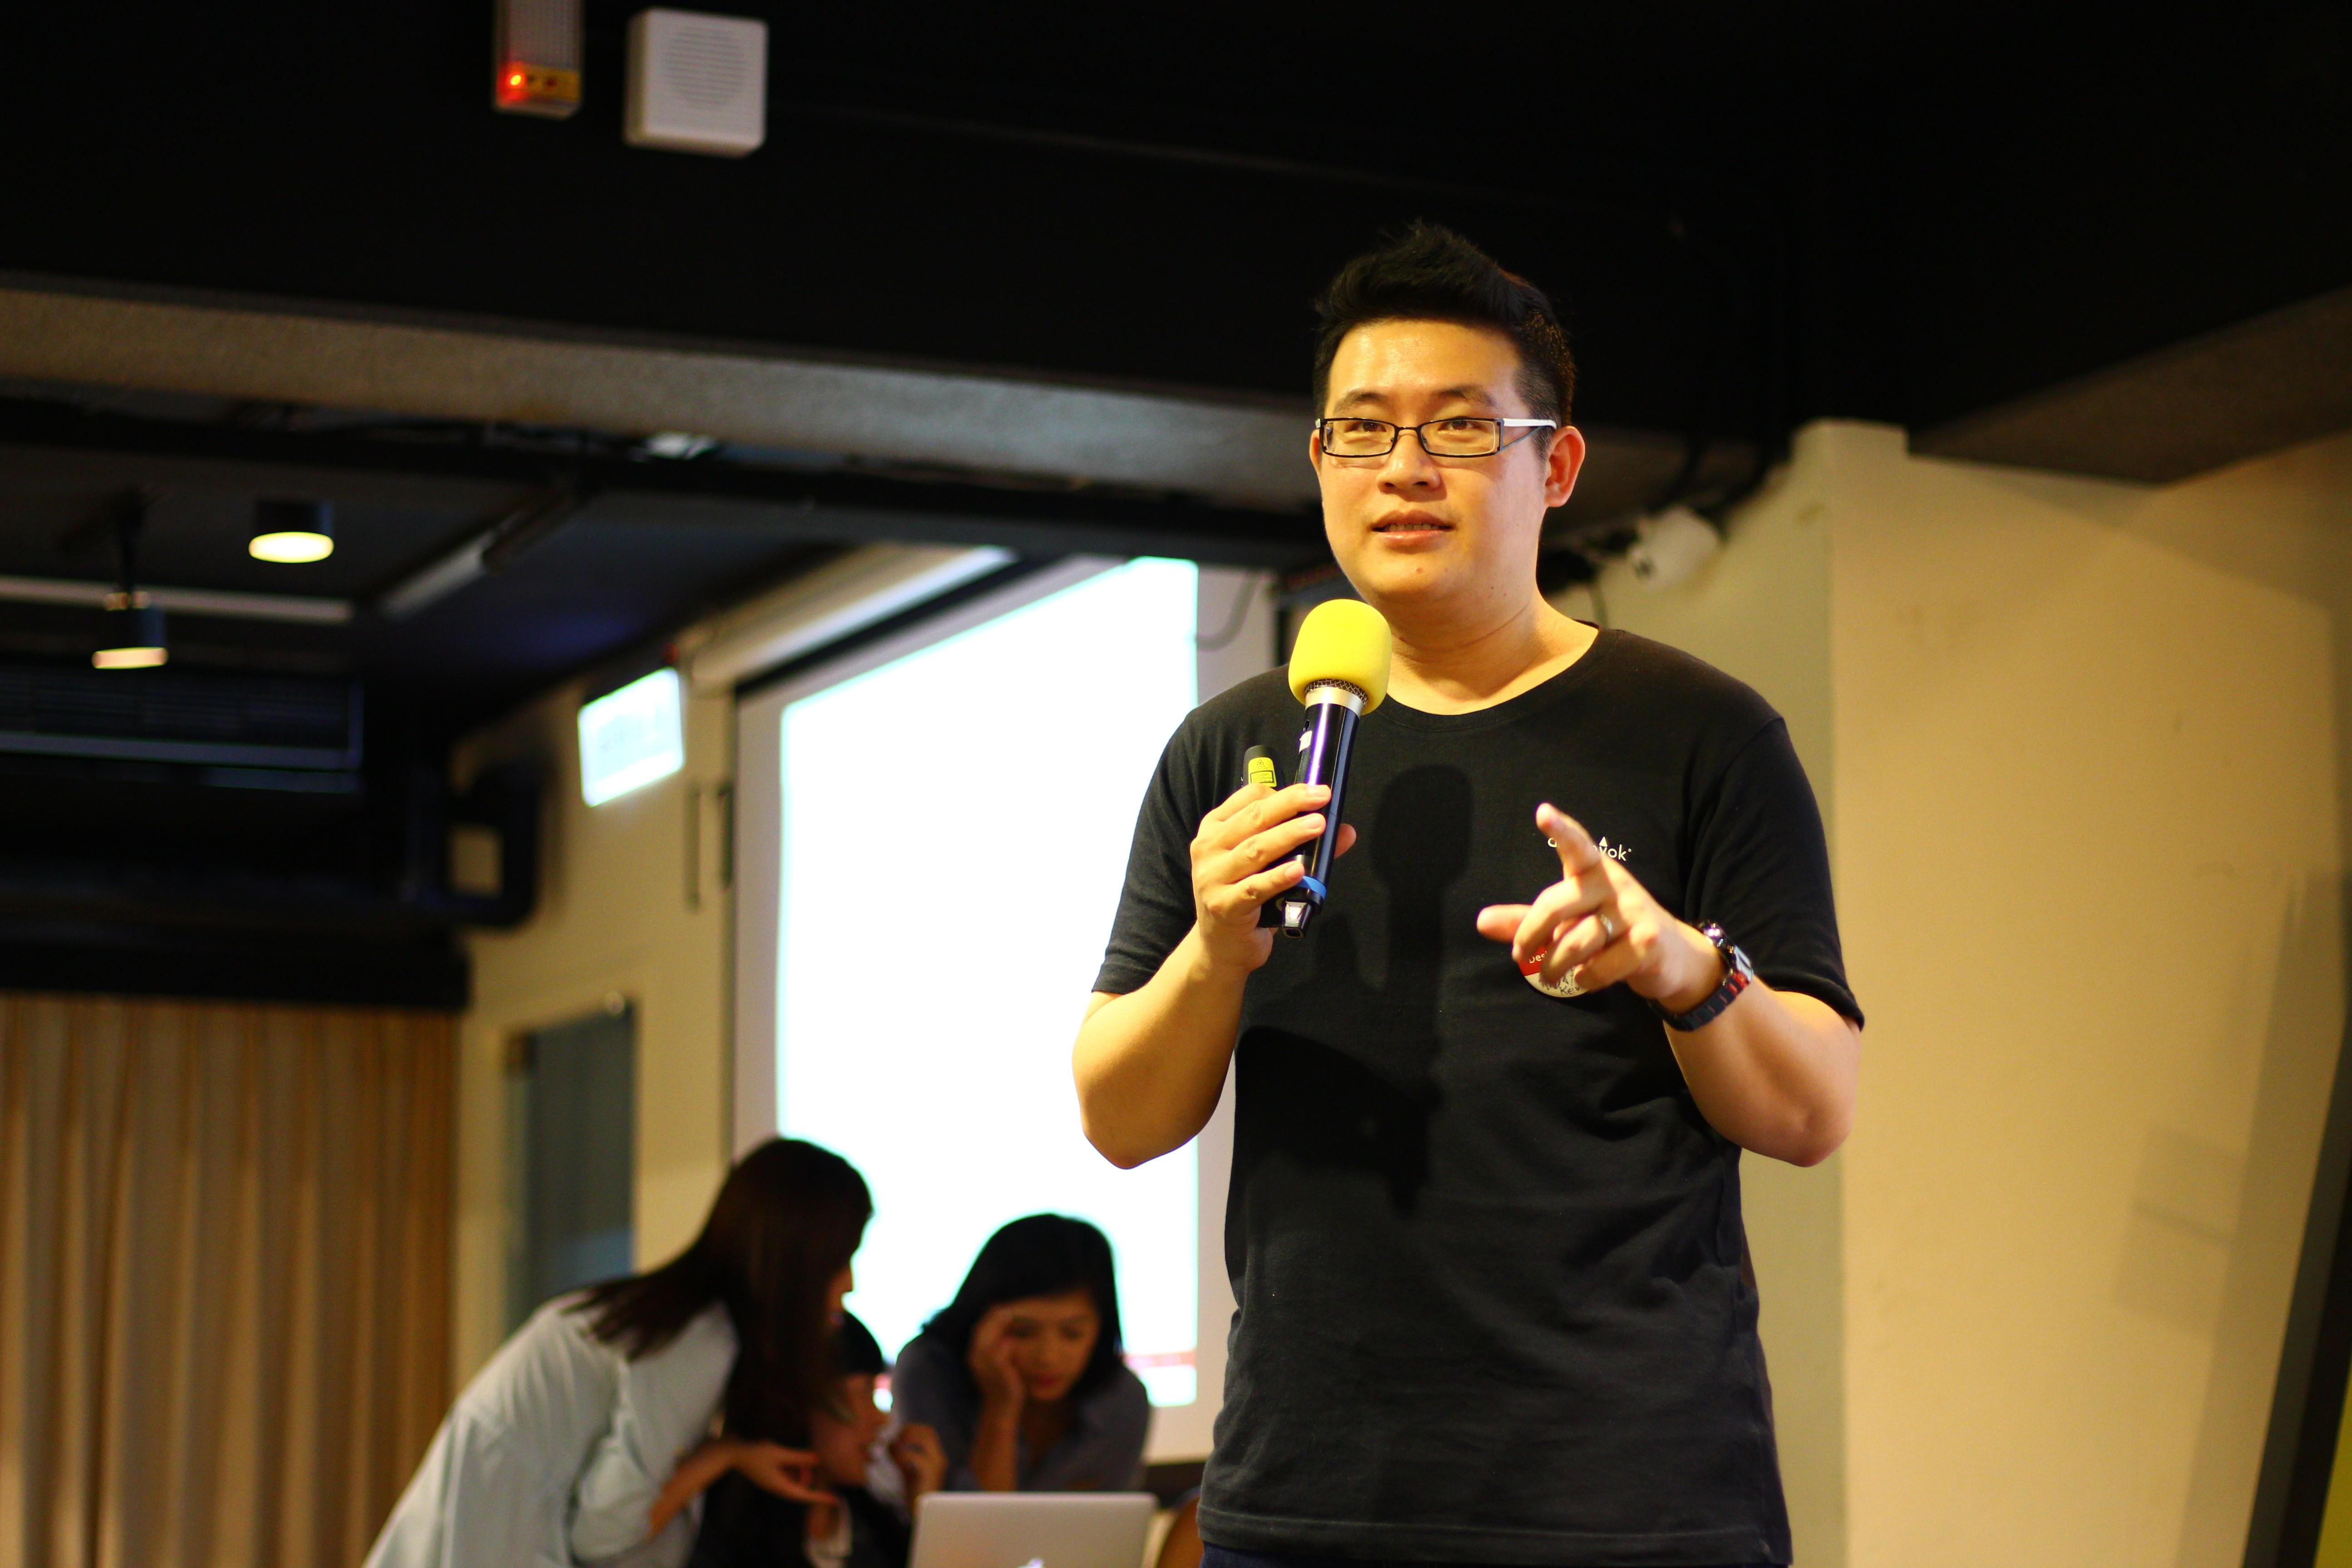 楊振甫從臺灣健保支出比率看到設計可以介入改善的地方/圖片來源:5% Design Action 社會設計平臺提供